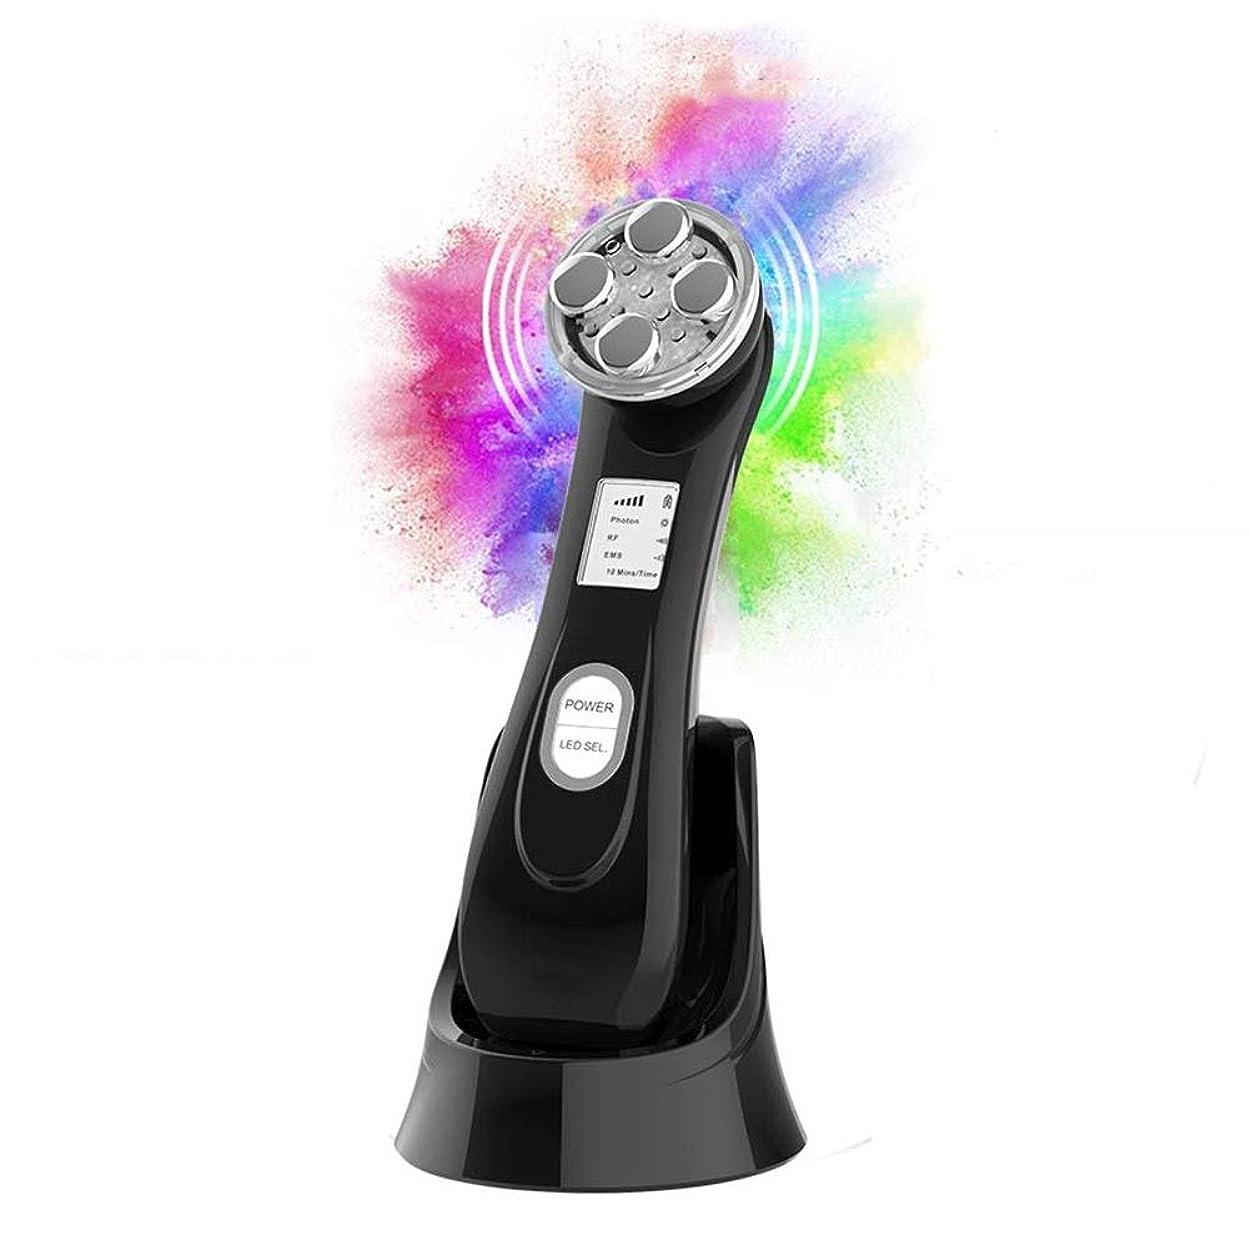 無効オーディション分析機械をきつく締める1つの皮に付き6つ、持ち上がる美機械高周波USBの再充電可能なEMS超音波LEDの顔の光子の顔のスキンケアをきつく締めるRFの美の反老化の反アクネの顔